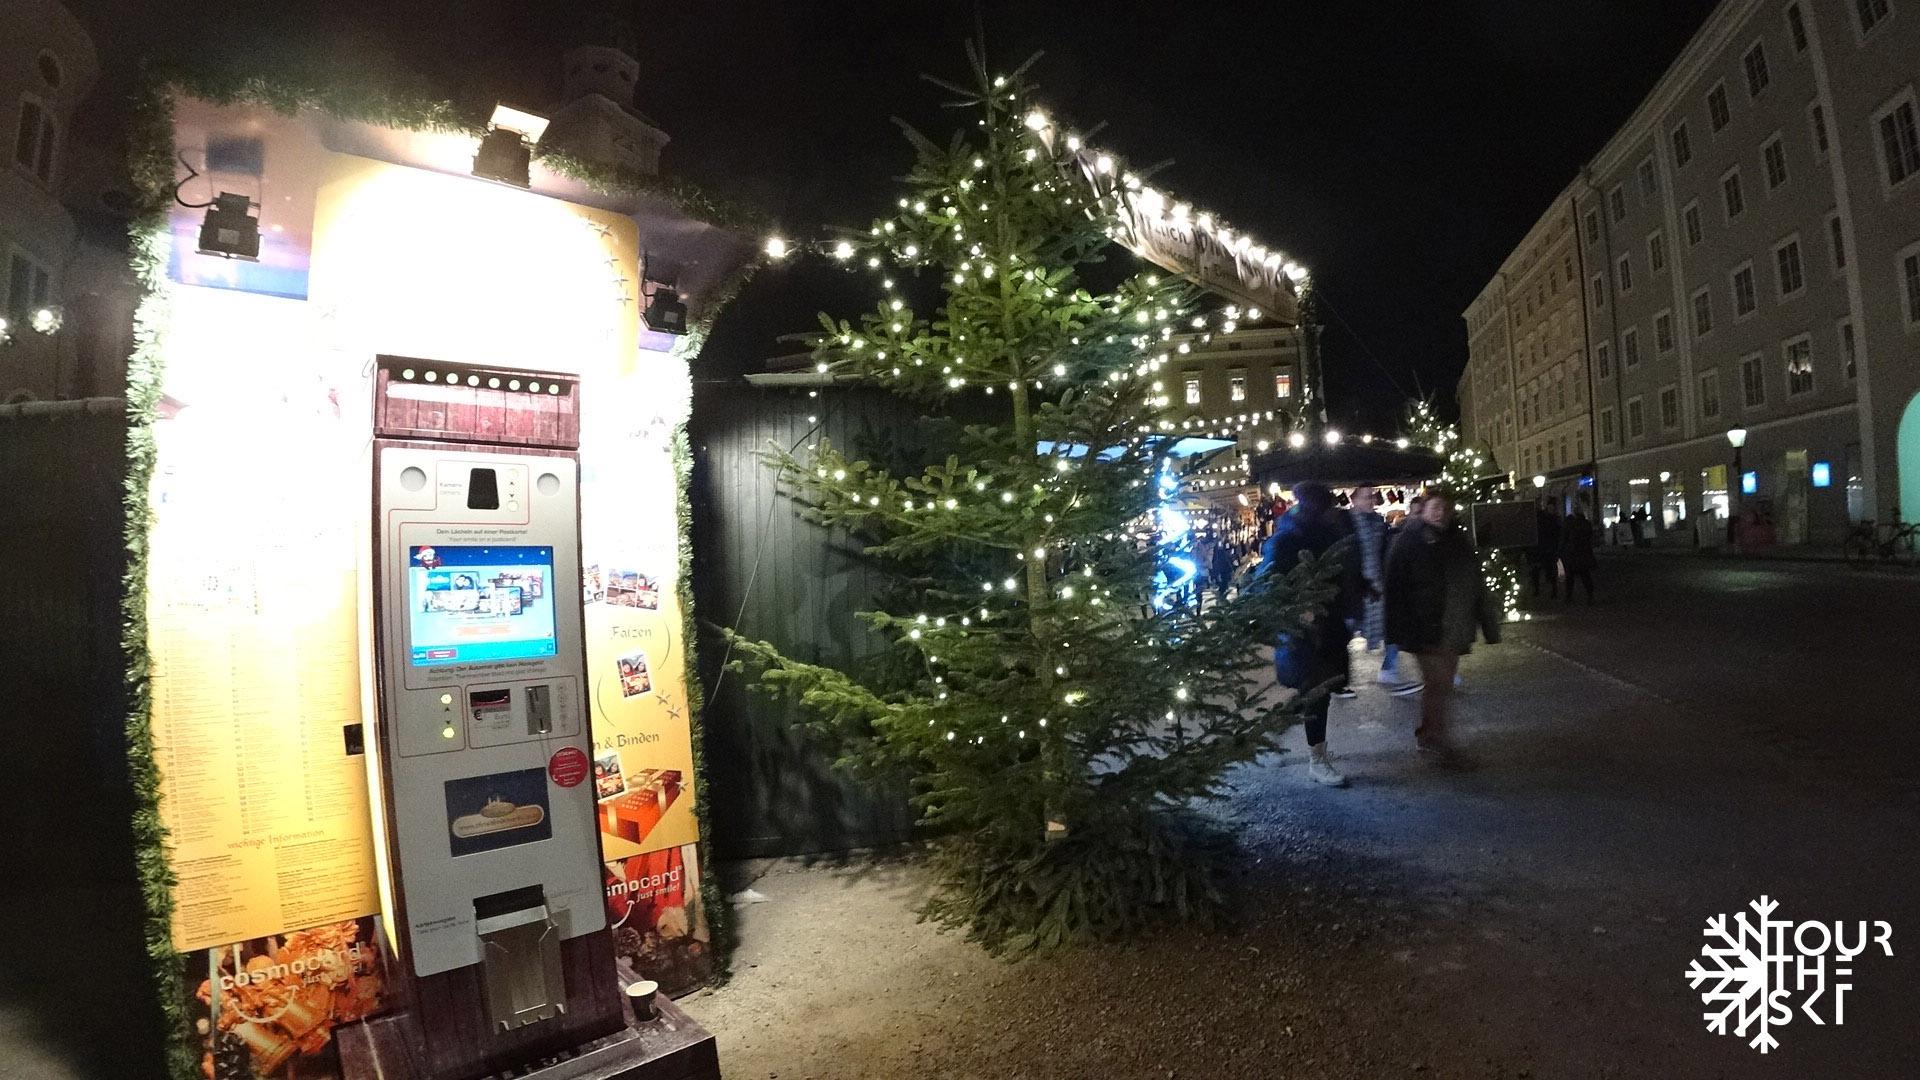 tourtheski-Salzburg-2017-005